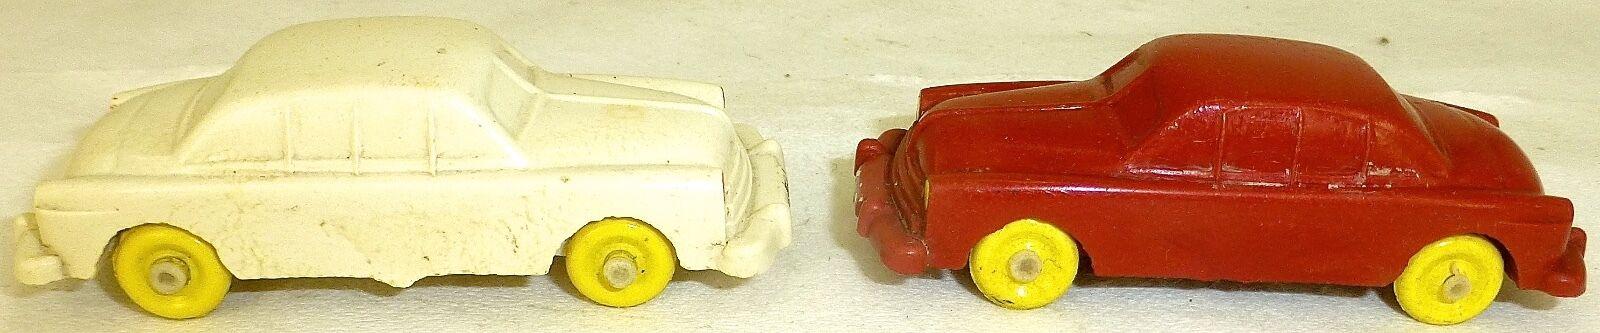 2 Limousinen red und white IGES 901 H0 1 87  å